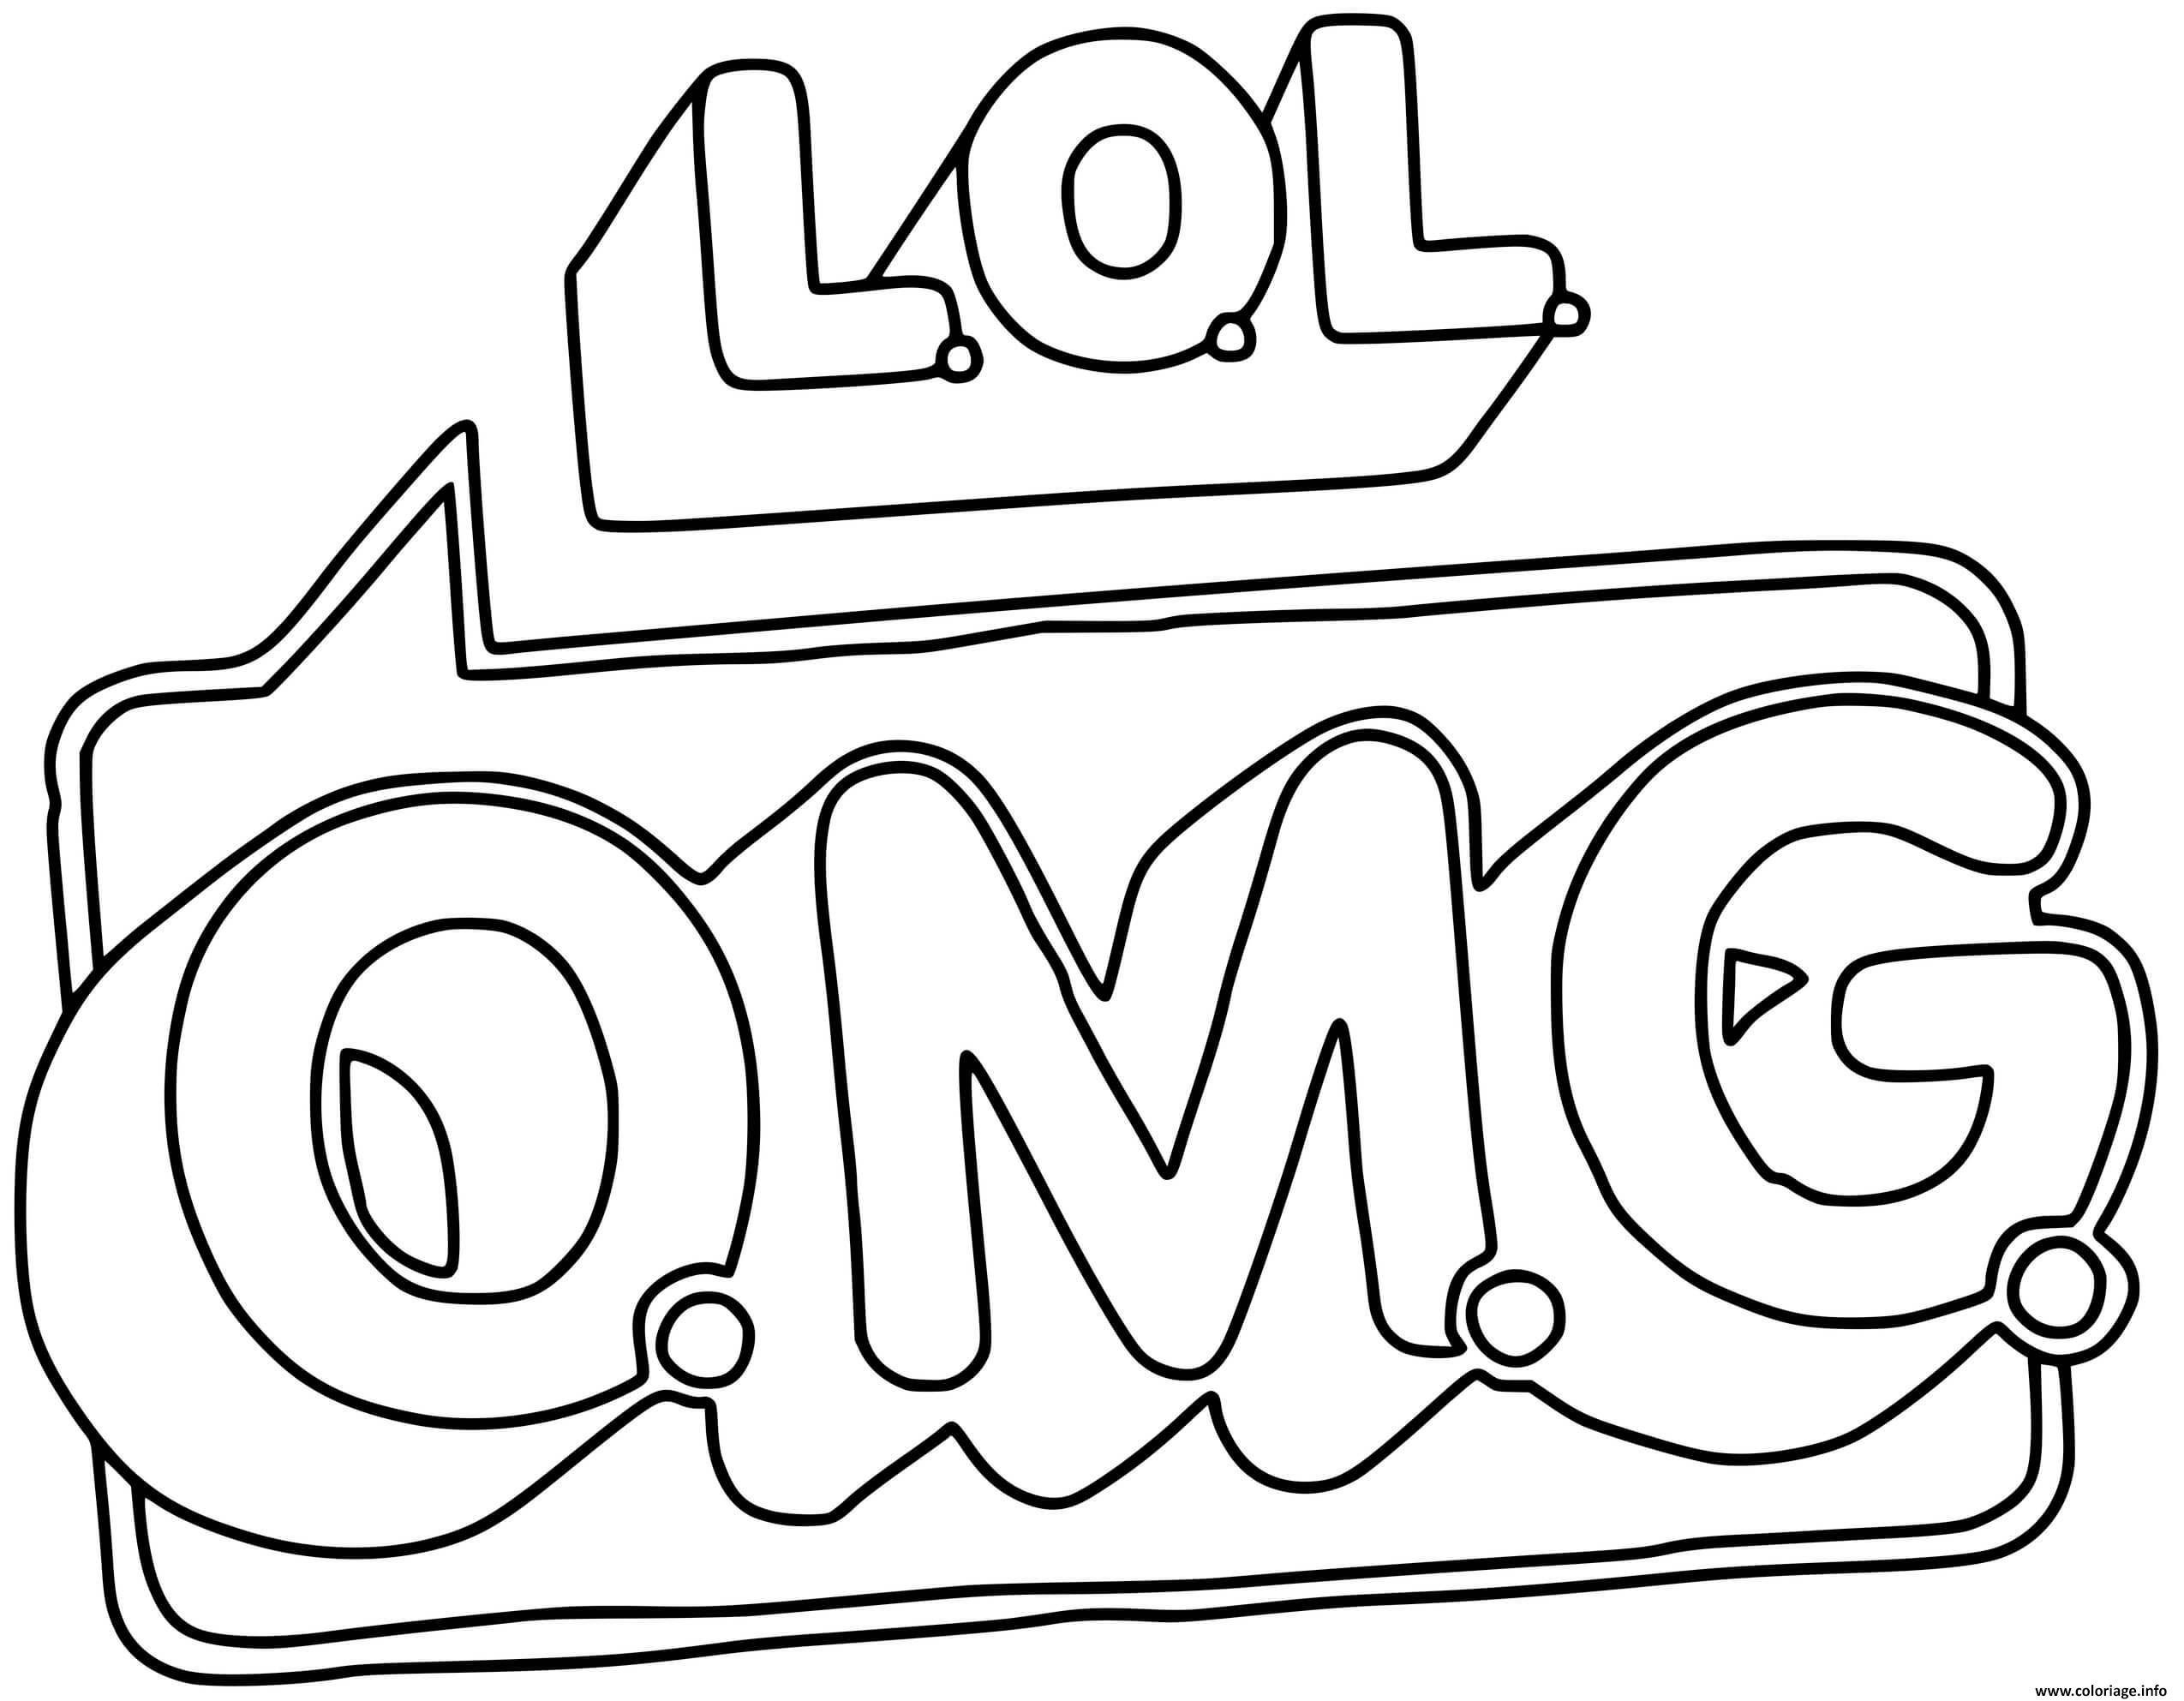 Dessin LOL OMG Logo Coloriage Gratuit à Imprimer